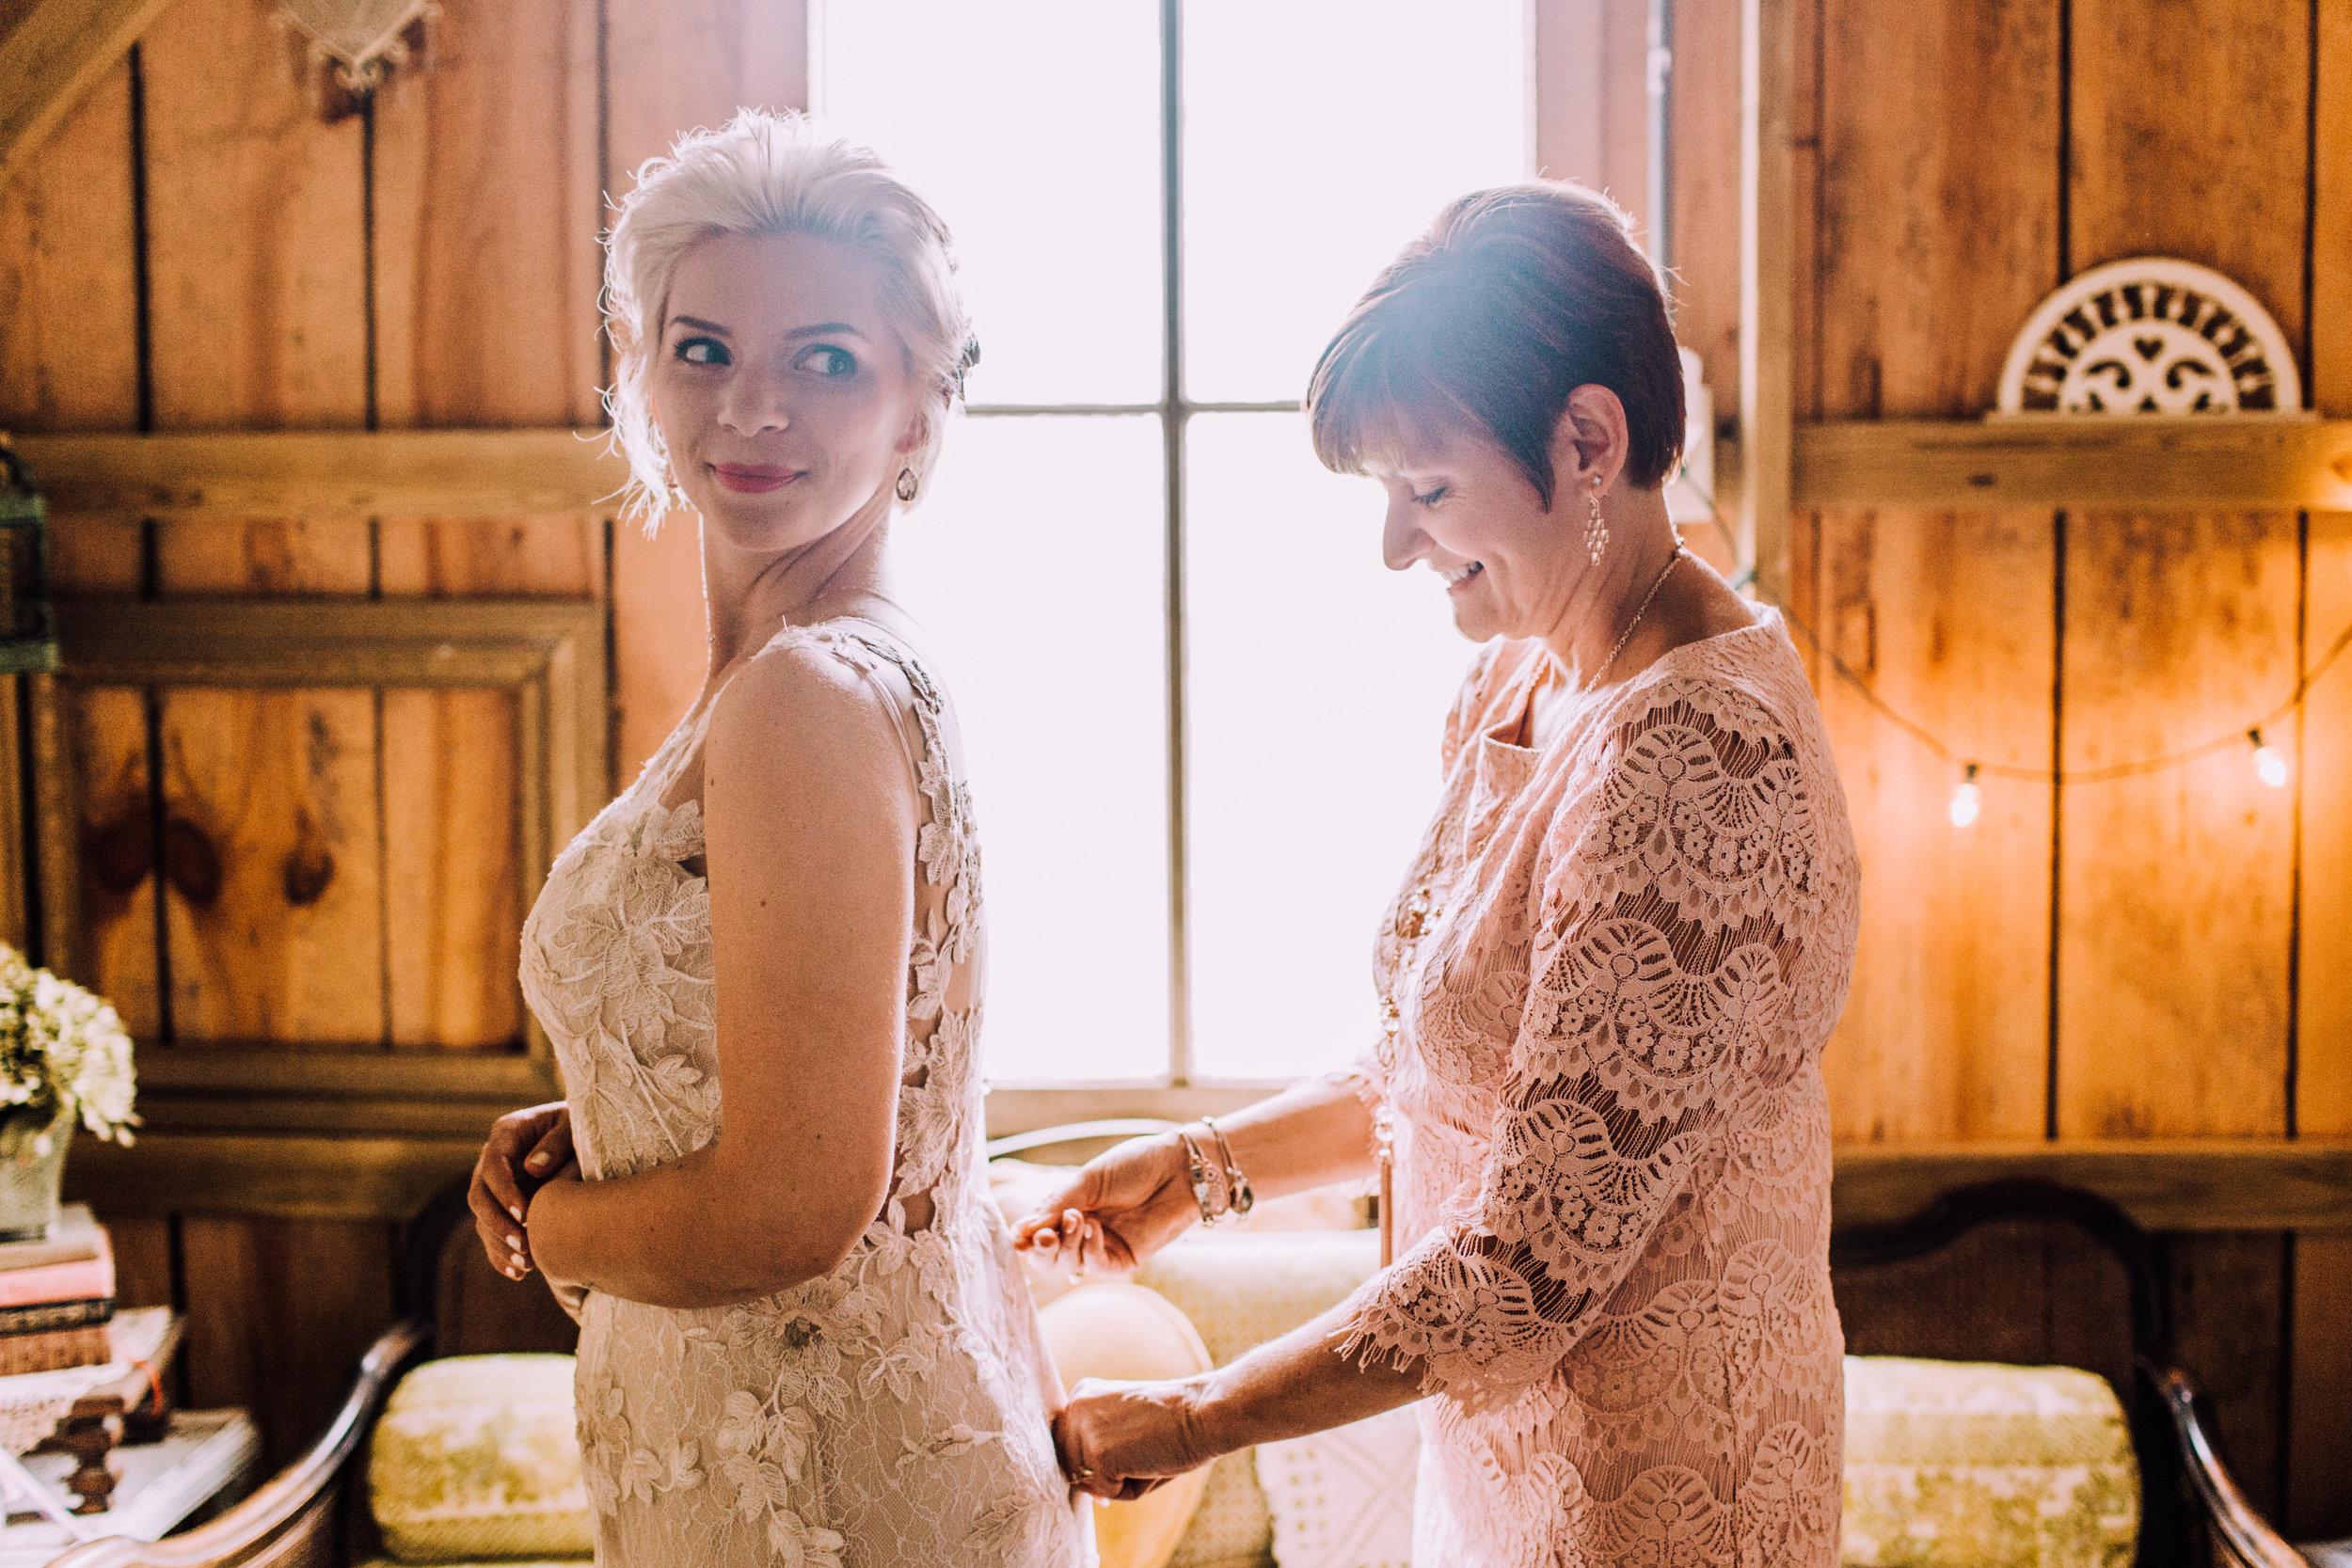 mom zips up daughter's wedding dress